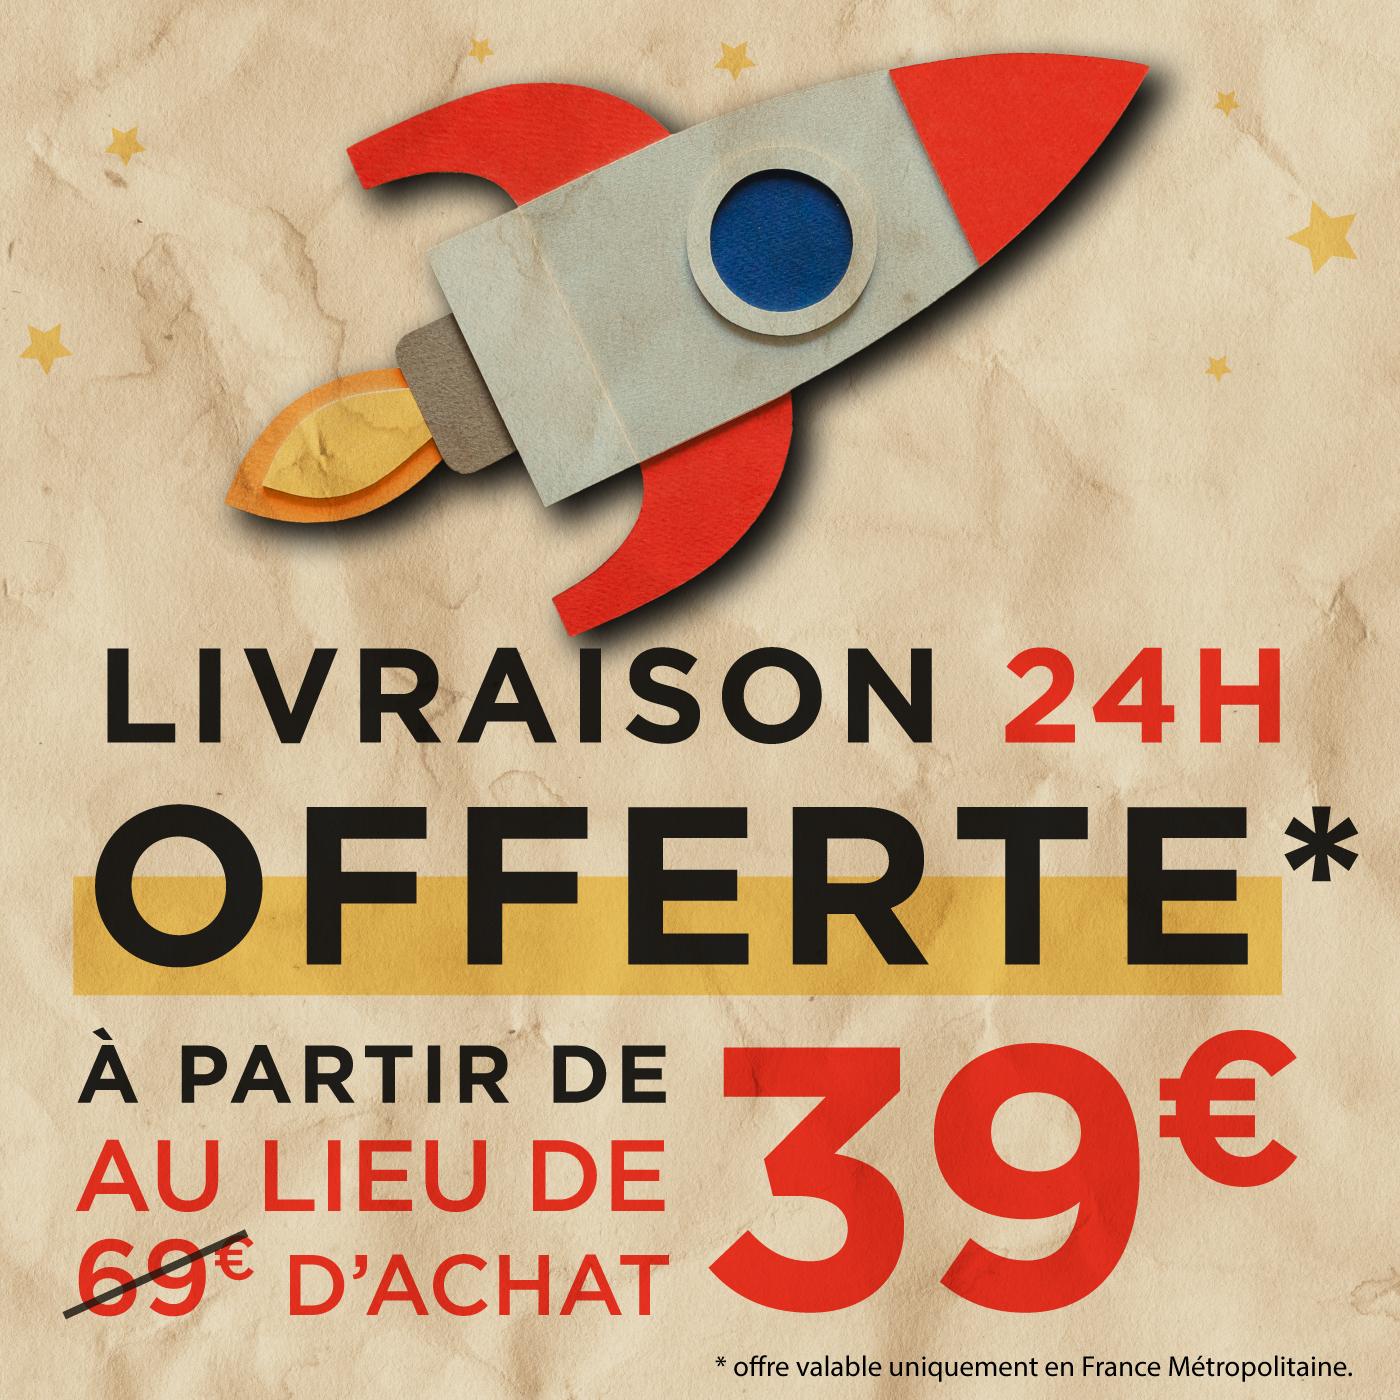 Livraison gratuite en 24h avec Chronopost dès 39€ d'achat